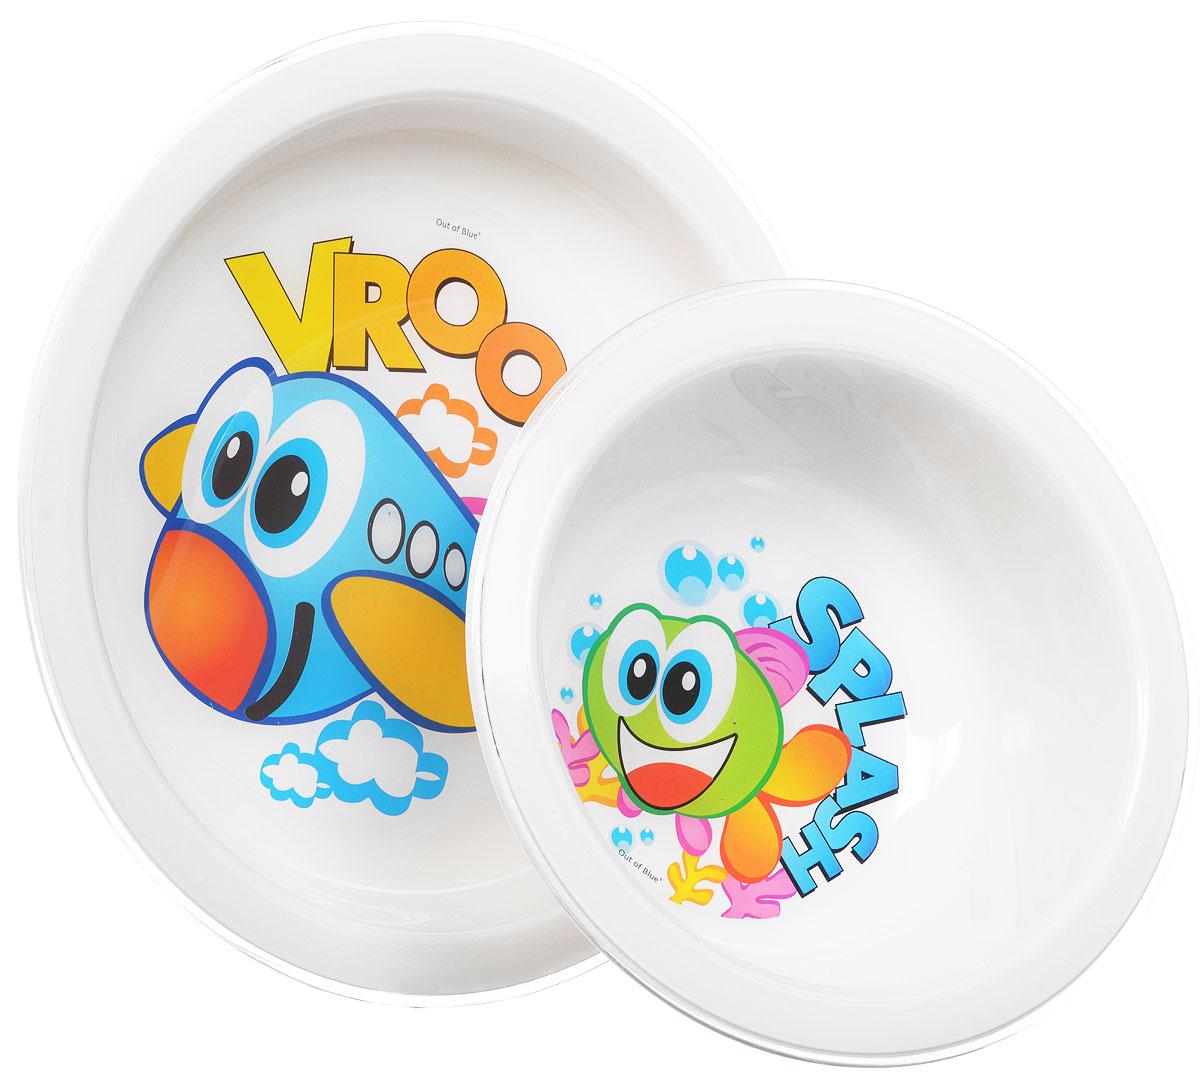 Cosmoplast Набор детской посуды New Baby Set 5 предметов2390_самолет,рыбкаДетский сервиз New Baby Set состоит из суповой тарелки, обеденной тарелки, чашки с двумя ручками, ложки и вилки. Яркие пластиковые тарелочки, оформленные изображениями рыбки и самолетика, прекрасно подойдут для кормления ребенка, или самостоятельного приема им пищи. Эргономичная форма позволит удобно держать тарелки во время кормления и легко зачерпывать еду. Набор столовых приборов предназначен специально для ребенка, который только учится самостоятельно держать в ручках ложку и вилку. Набор состоит из двух предметов - ложки и вилки, которые вмещают в себя порции, предназначенные для малыша. Эргономичные ручки удобно располагаются в кулачке ребенка, помогая развивать координацию движений. Для безопасного использования зубцы вилки слегка закруглены, при этом отлично насаживают пищу. Чашка имеет две удобные ручки. Все предметы набора изготовлены из высококачественного пищевого пластика по специальной технологии, которая гарантирует простоту ухода, прочность и...